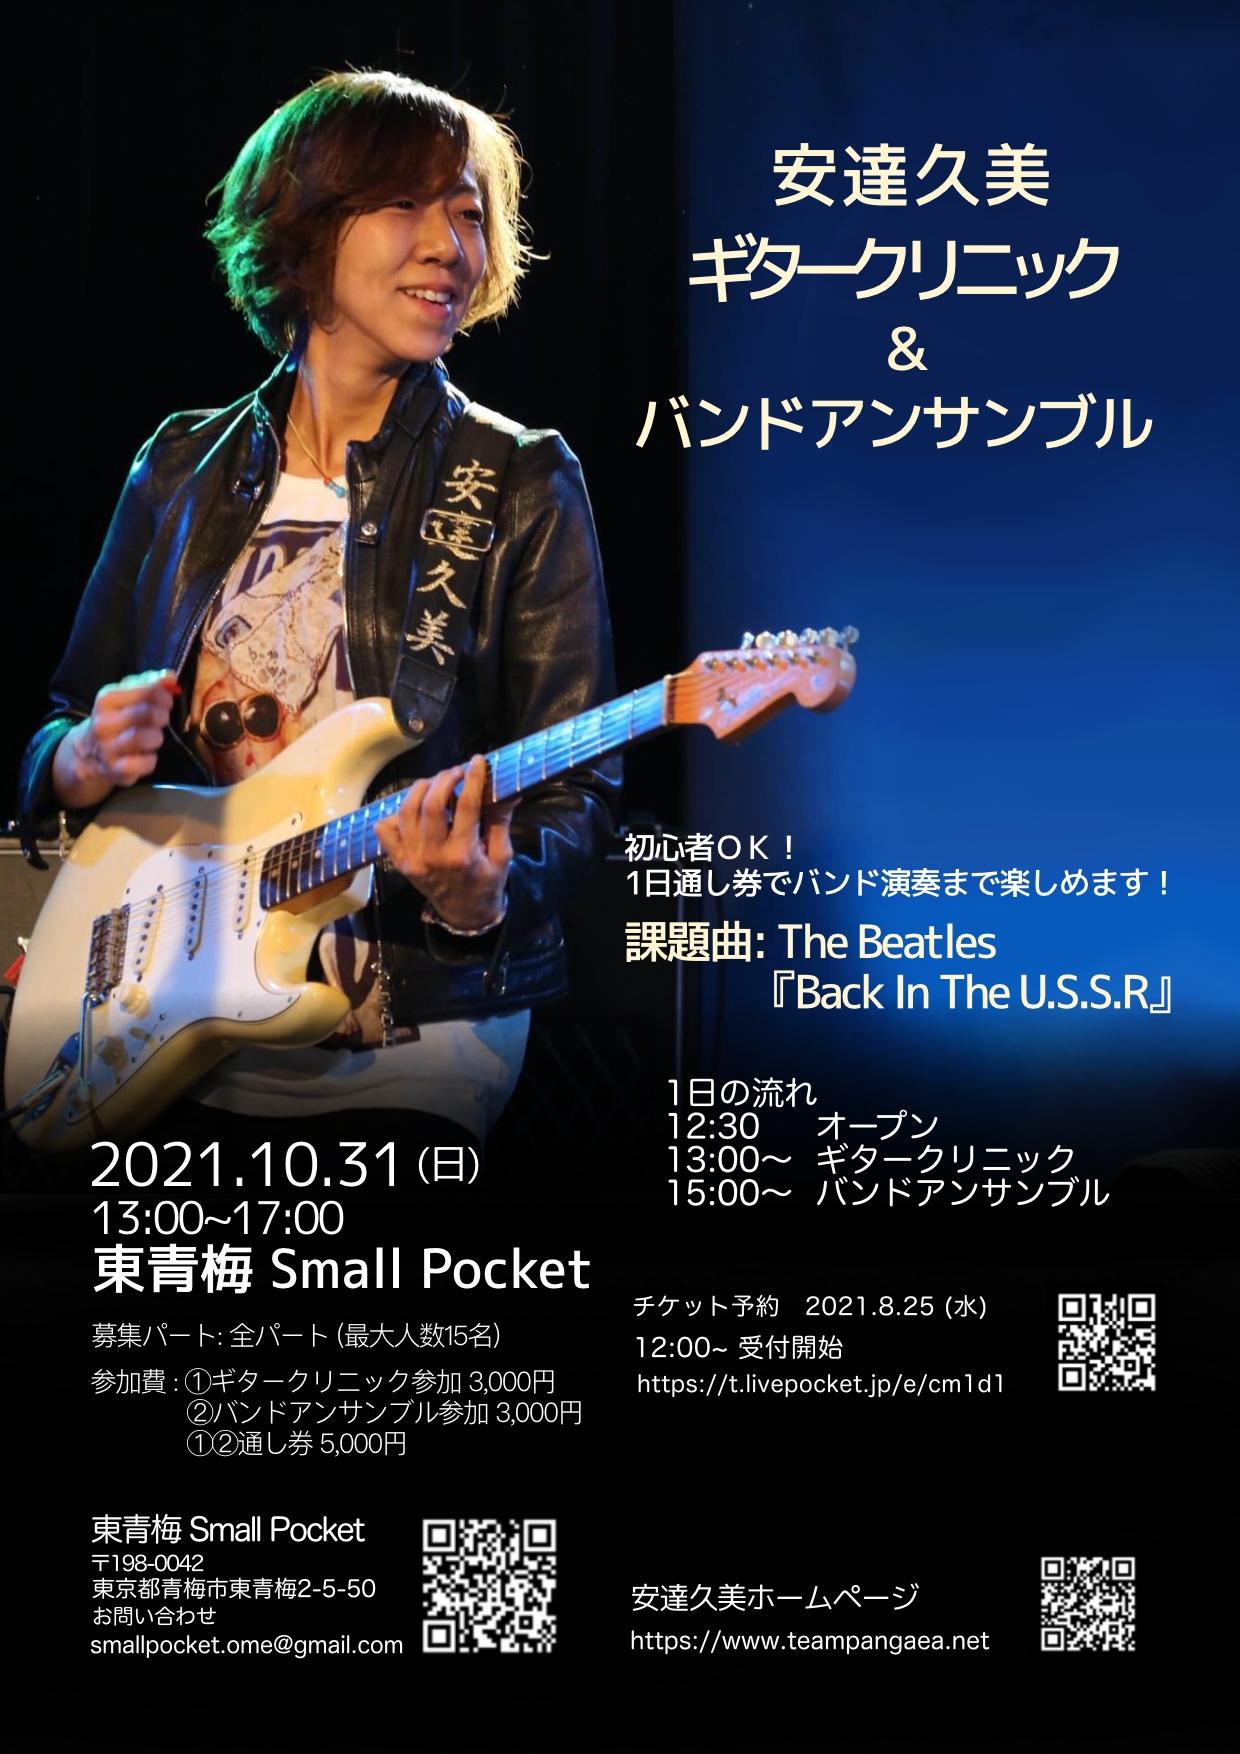 安達久美ギタークリニック&バンドアンサンブル